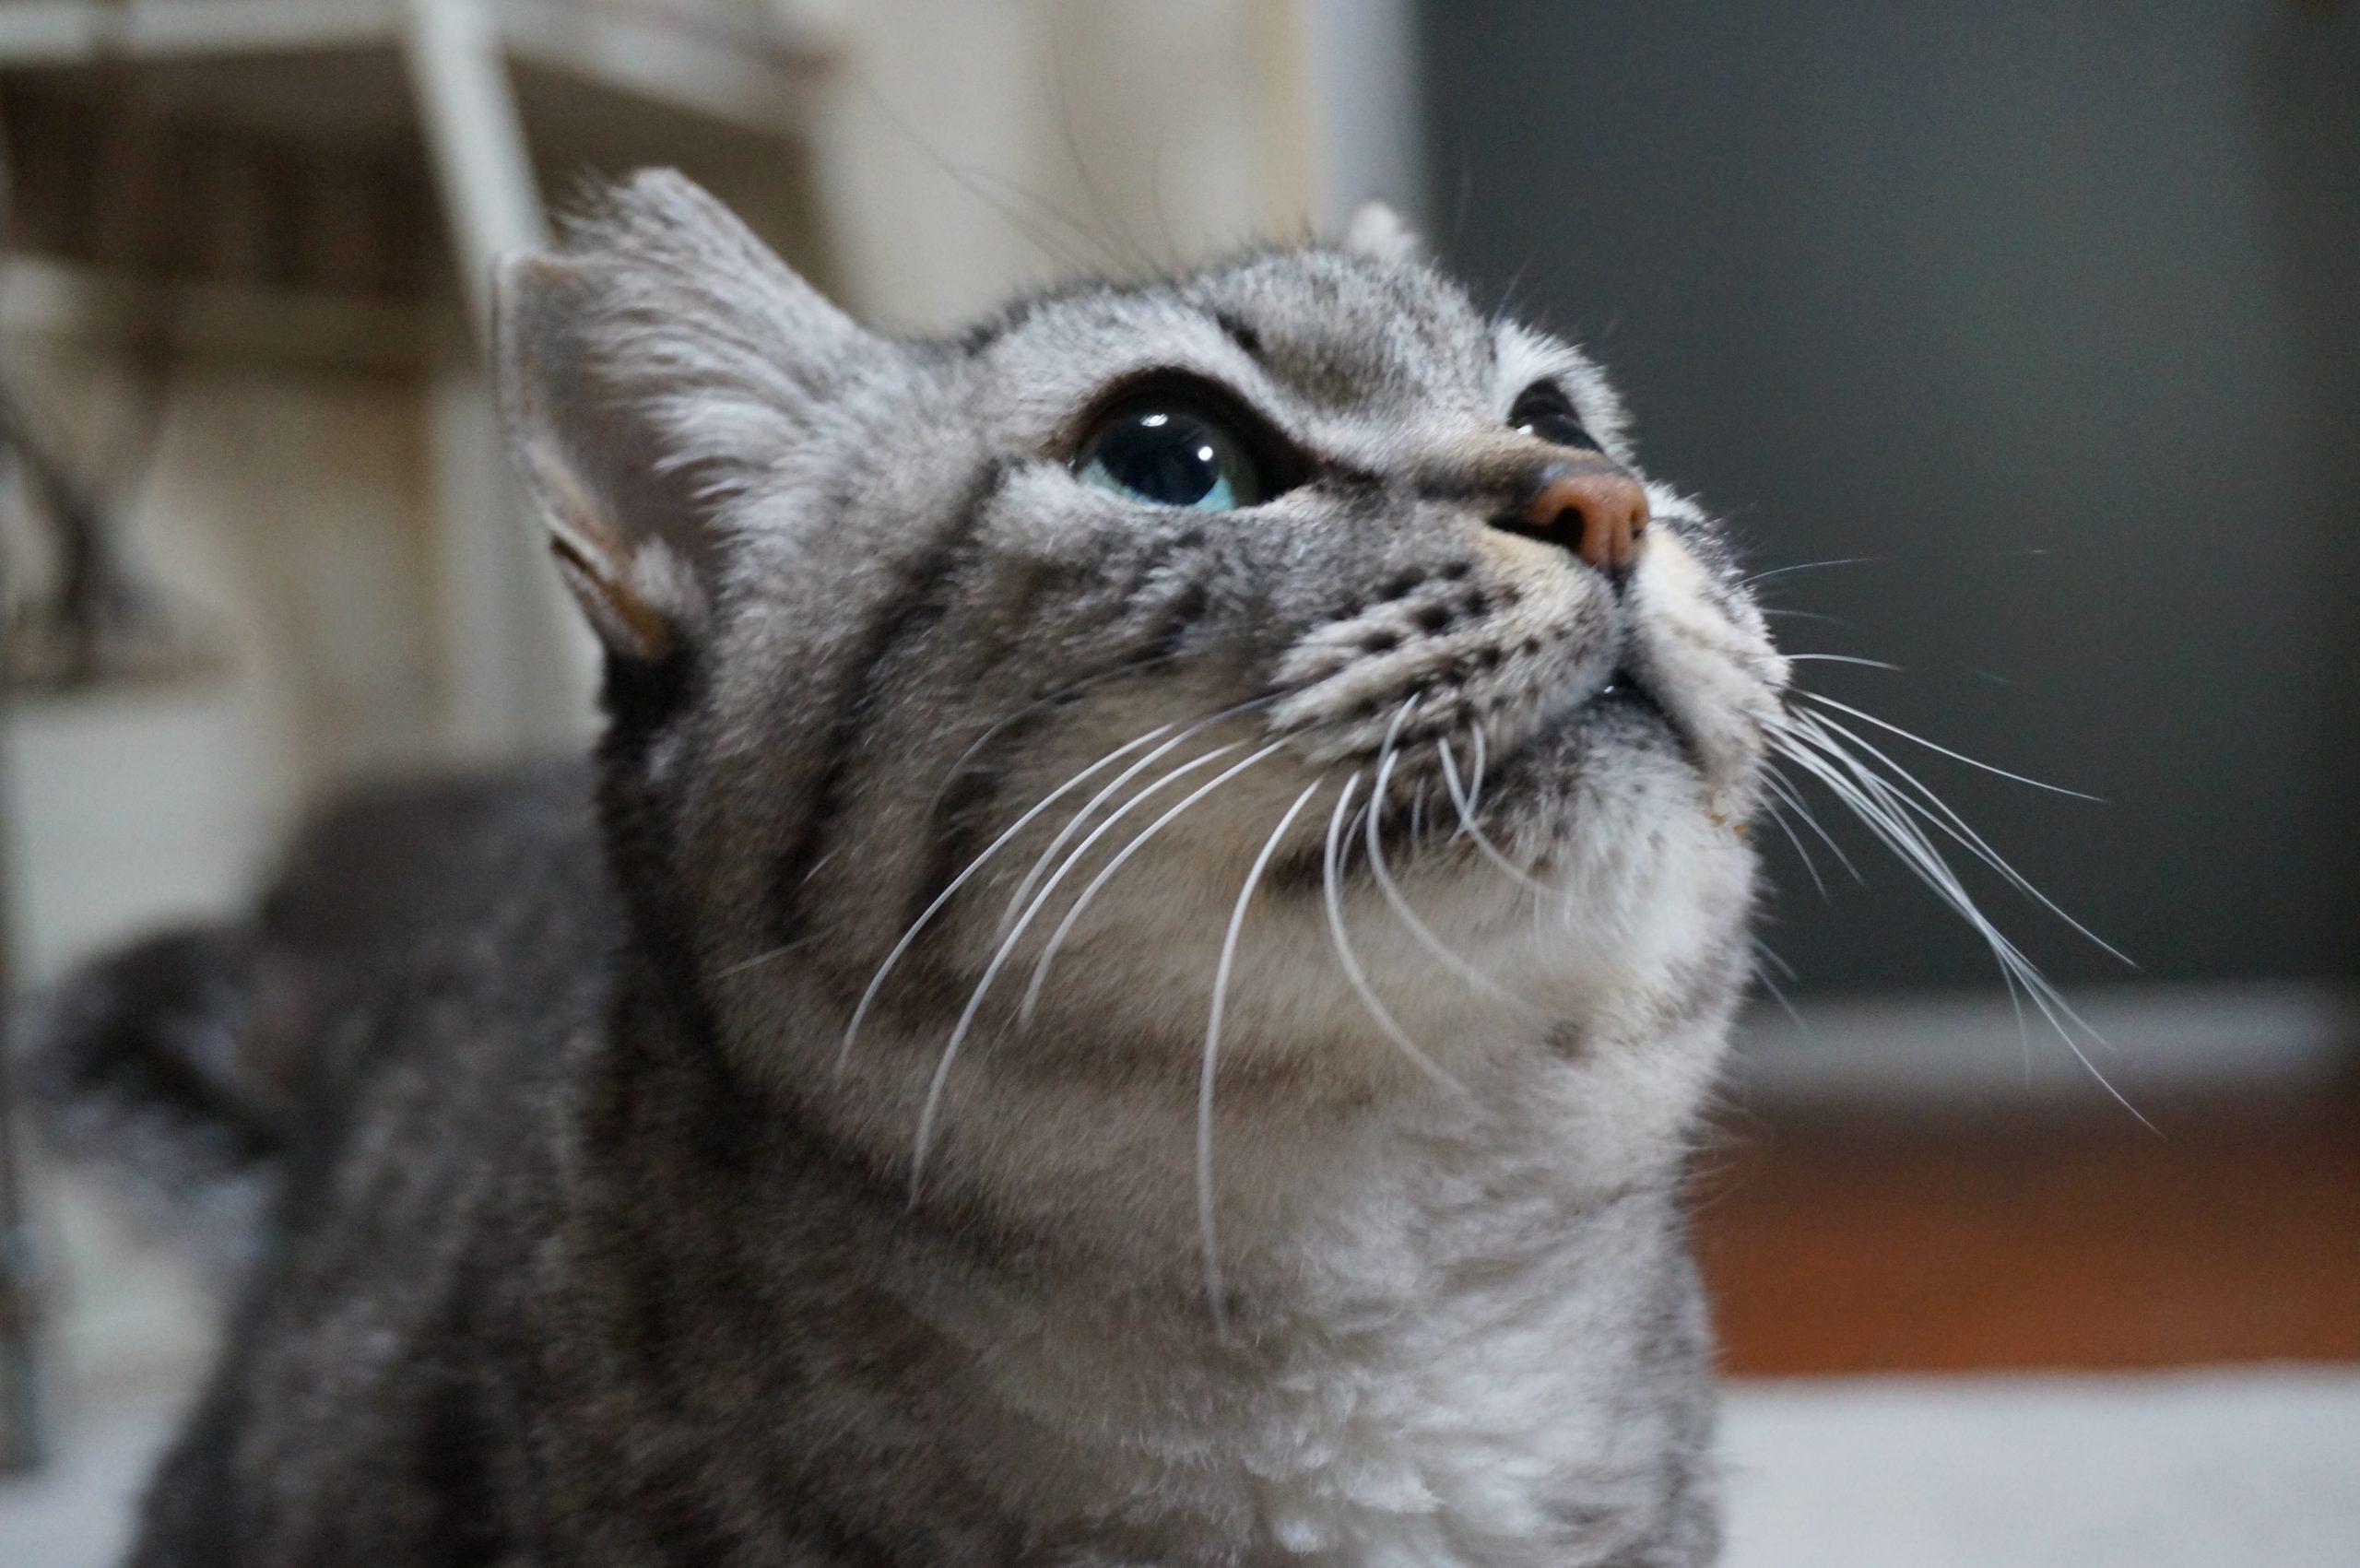 猫用段ボールハウス+発泡スチロールのダブル仕様を作った、保温力倍増!!